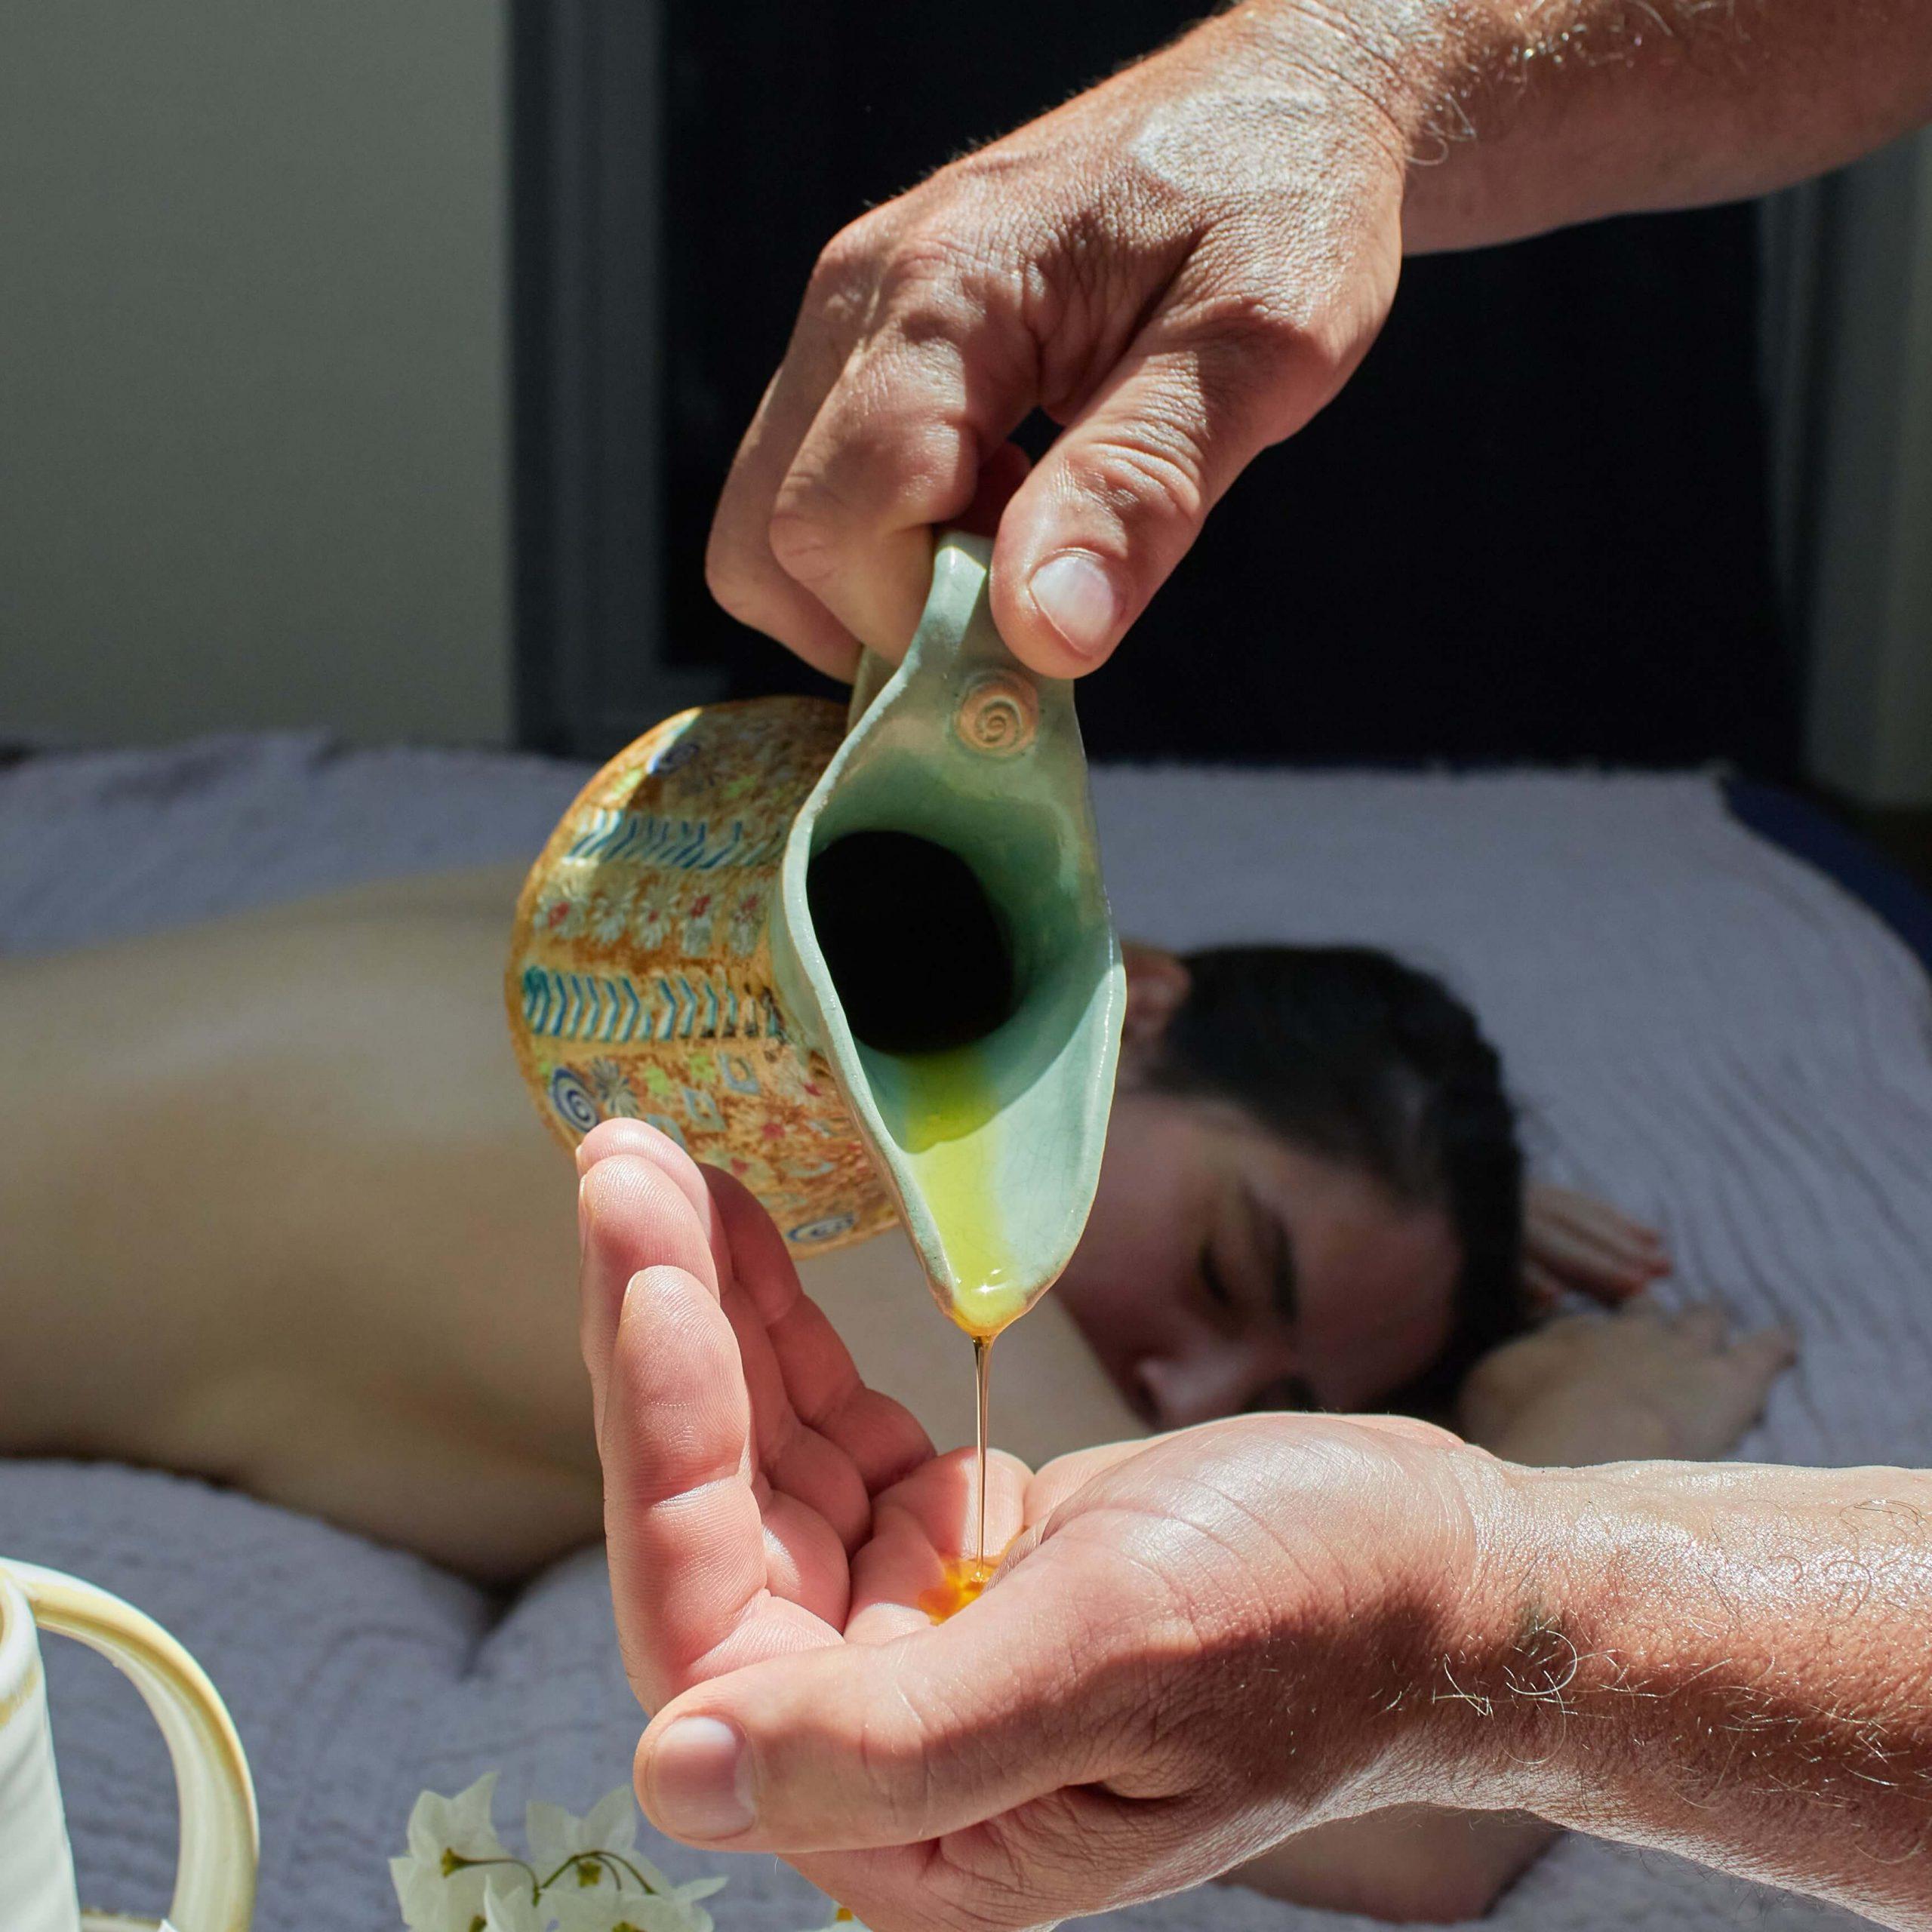 comment se passent les massages duo landes